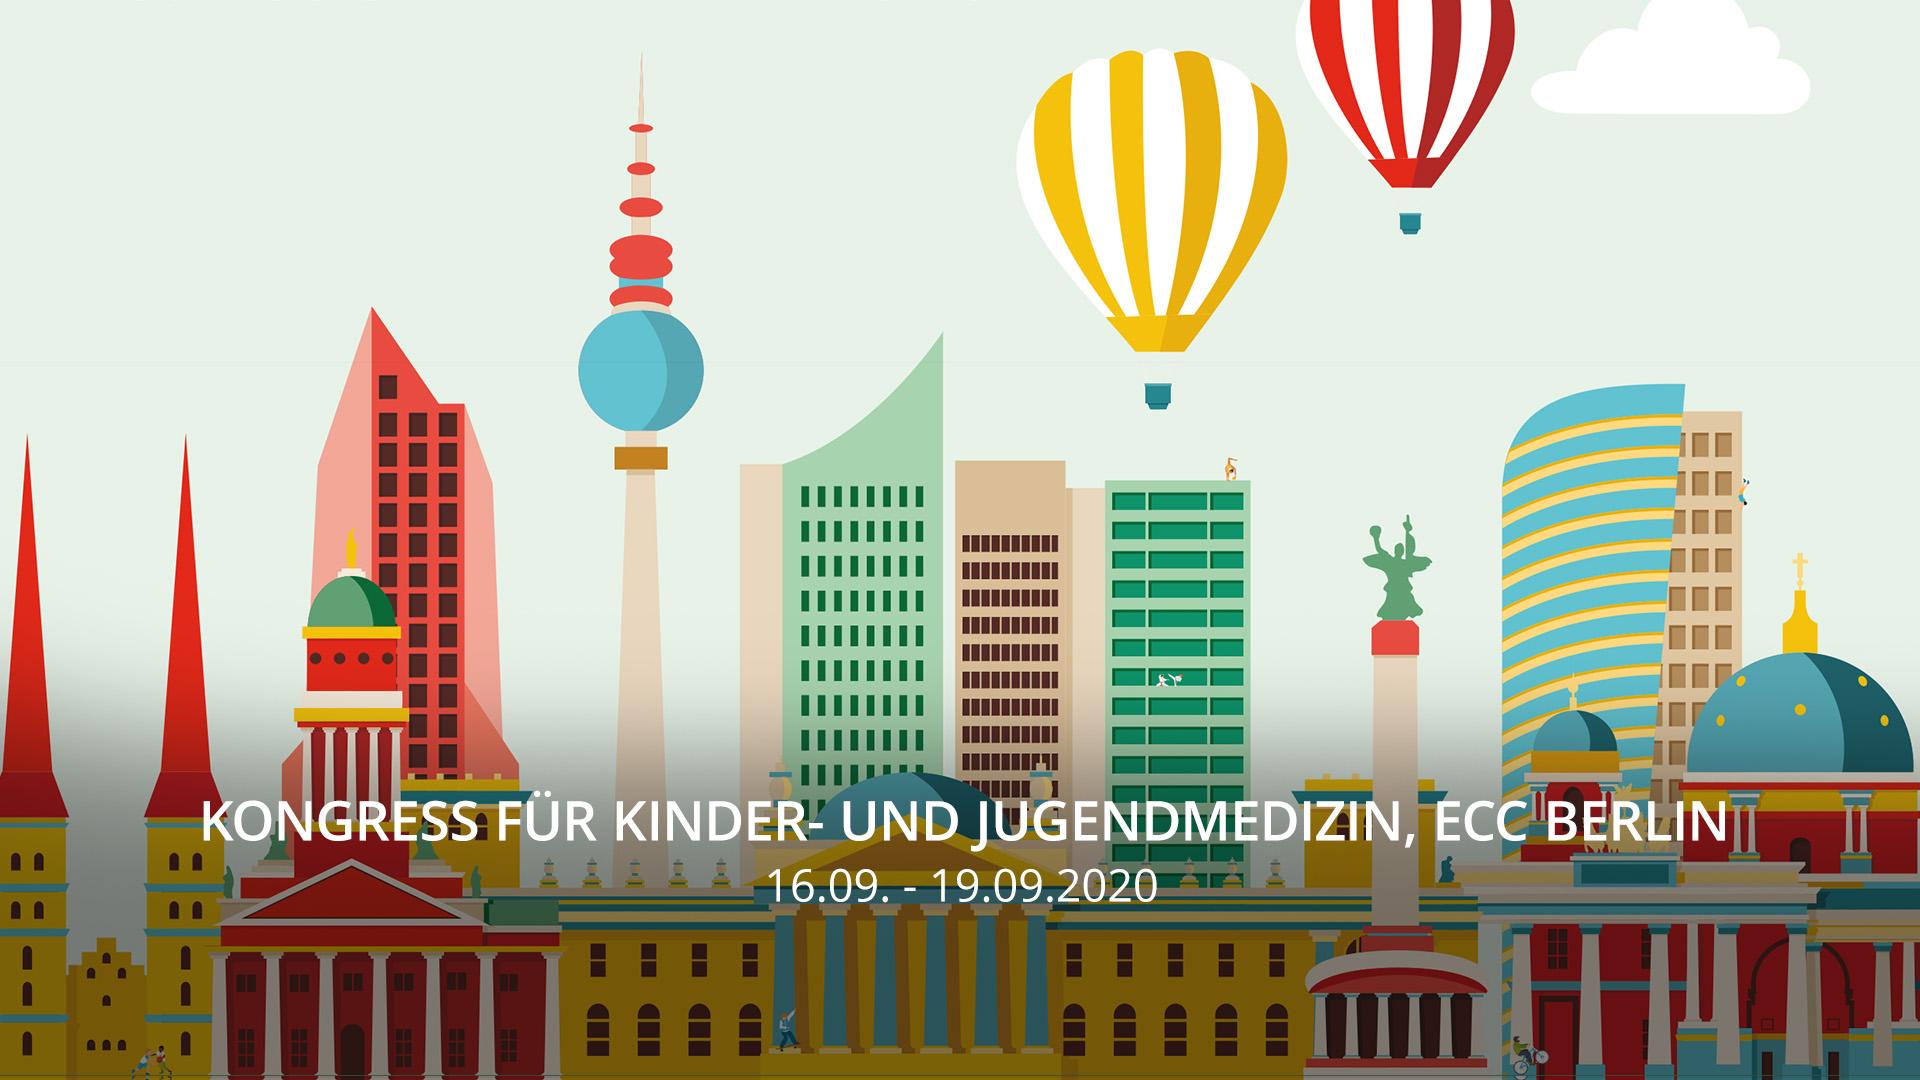 September20 - Kongress für Kinder- und Jugendmedizin, Estrel Congress Center Berlin